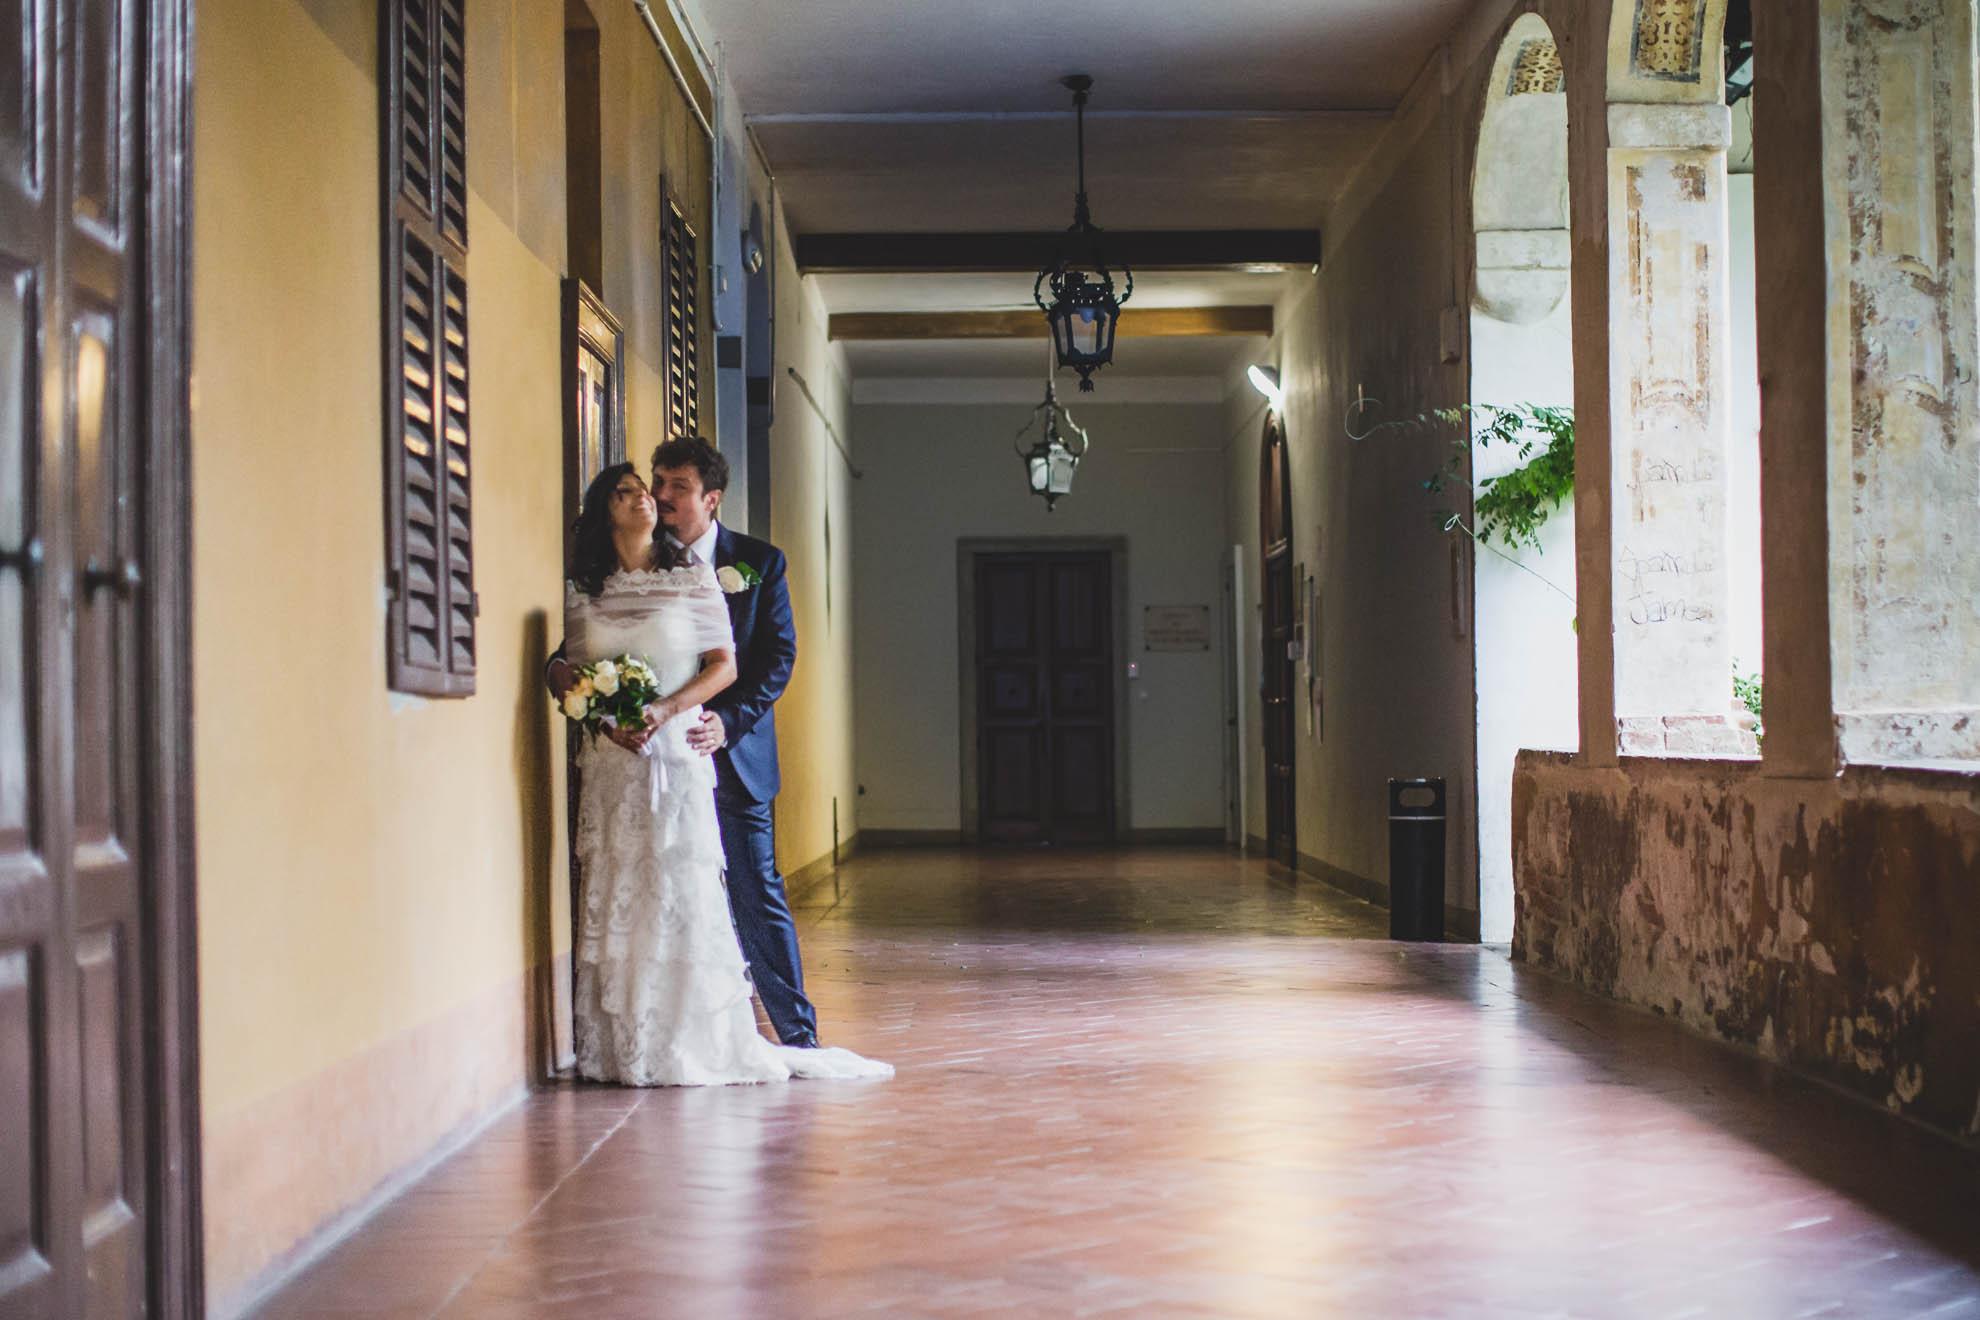 019 Fotografo per Matrimonio Diego Ravenna Pavia_R5D3234-Modifica